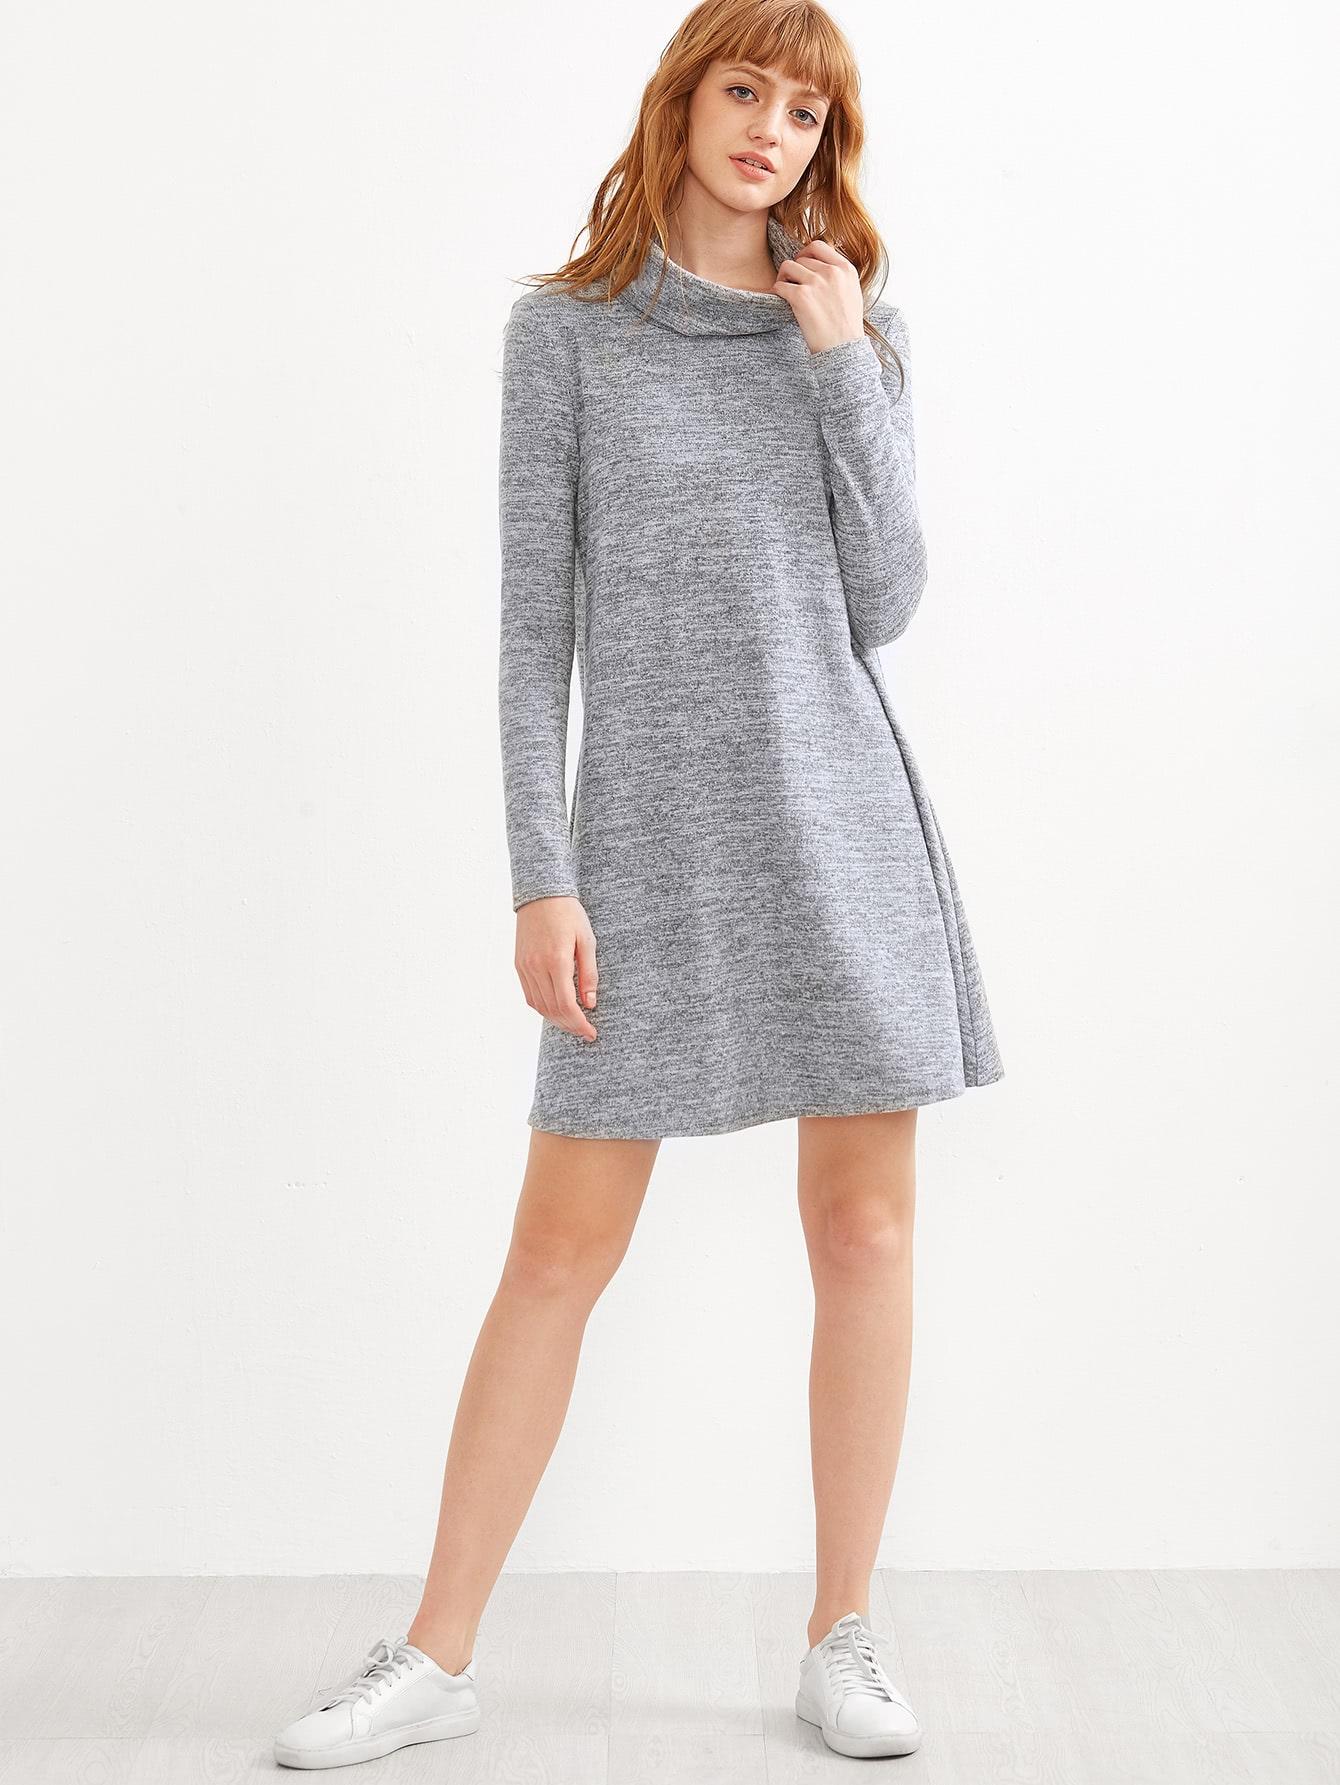 dress160921707_2